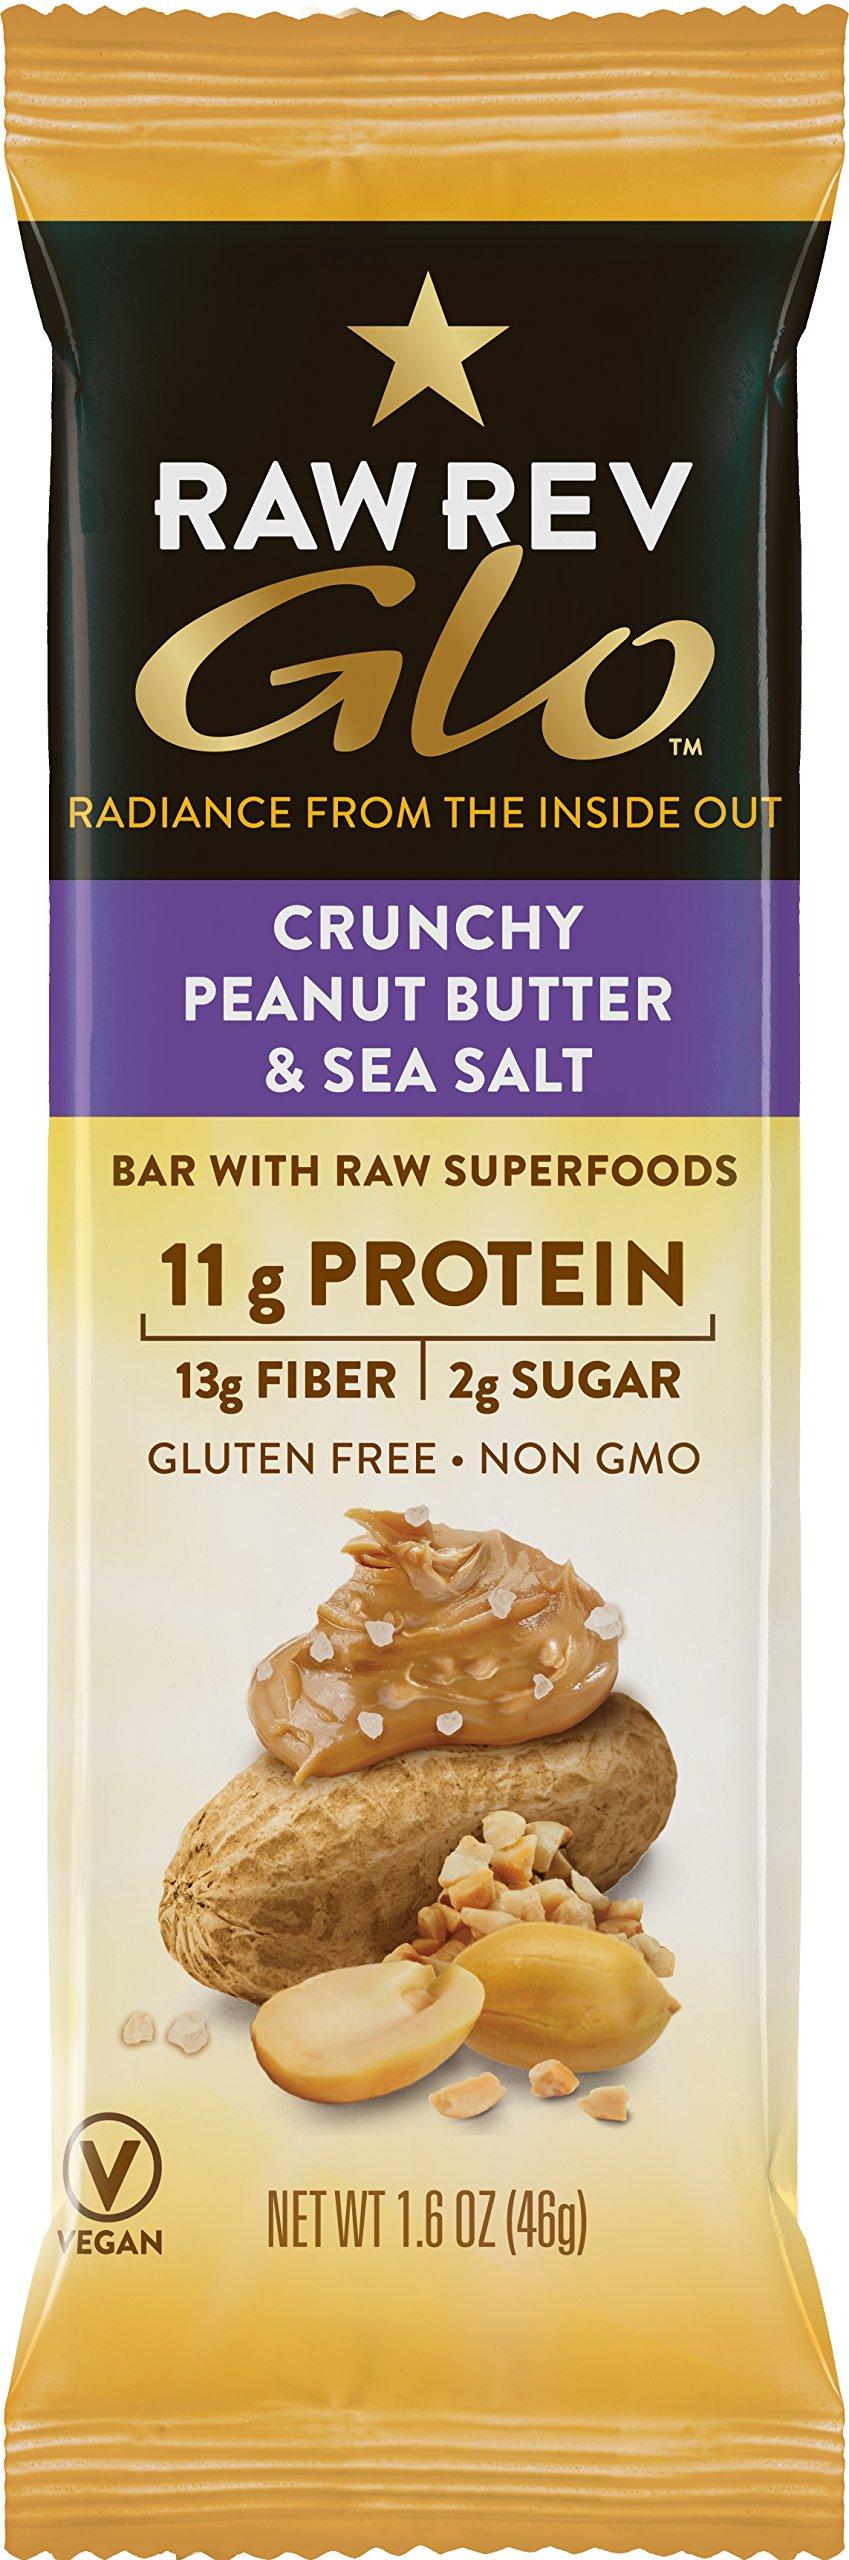 Raw Rev Glo Protein Bars Crunchy Peanut Butter & Sea Salt, 1.6 Ounce Bar